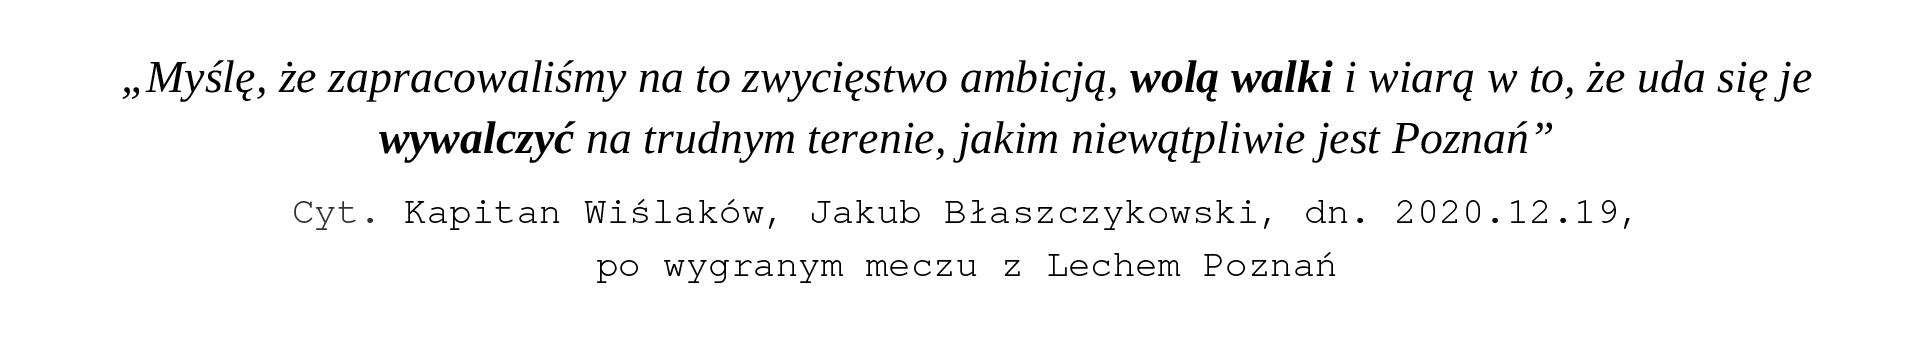 Cyt. Kapitan Wiślaków, Jakub Błaszczykowski, dn. 2020.12.19, po wygranym meczu z Lechem Poznań